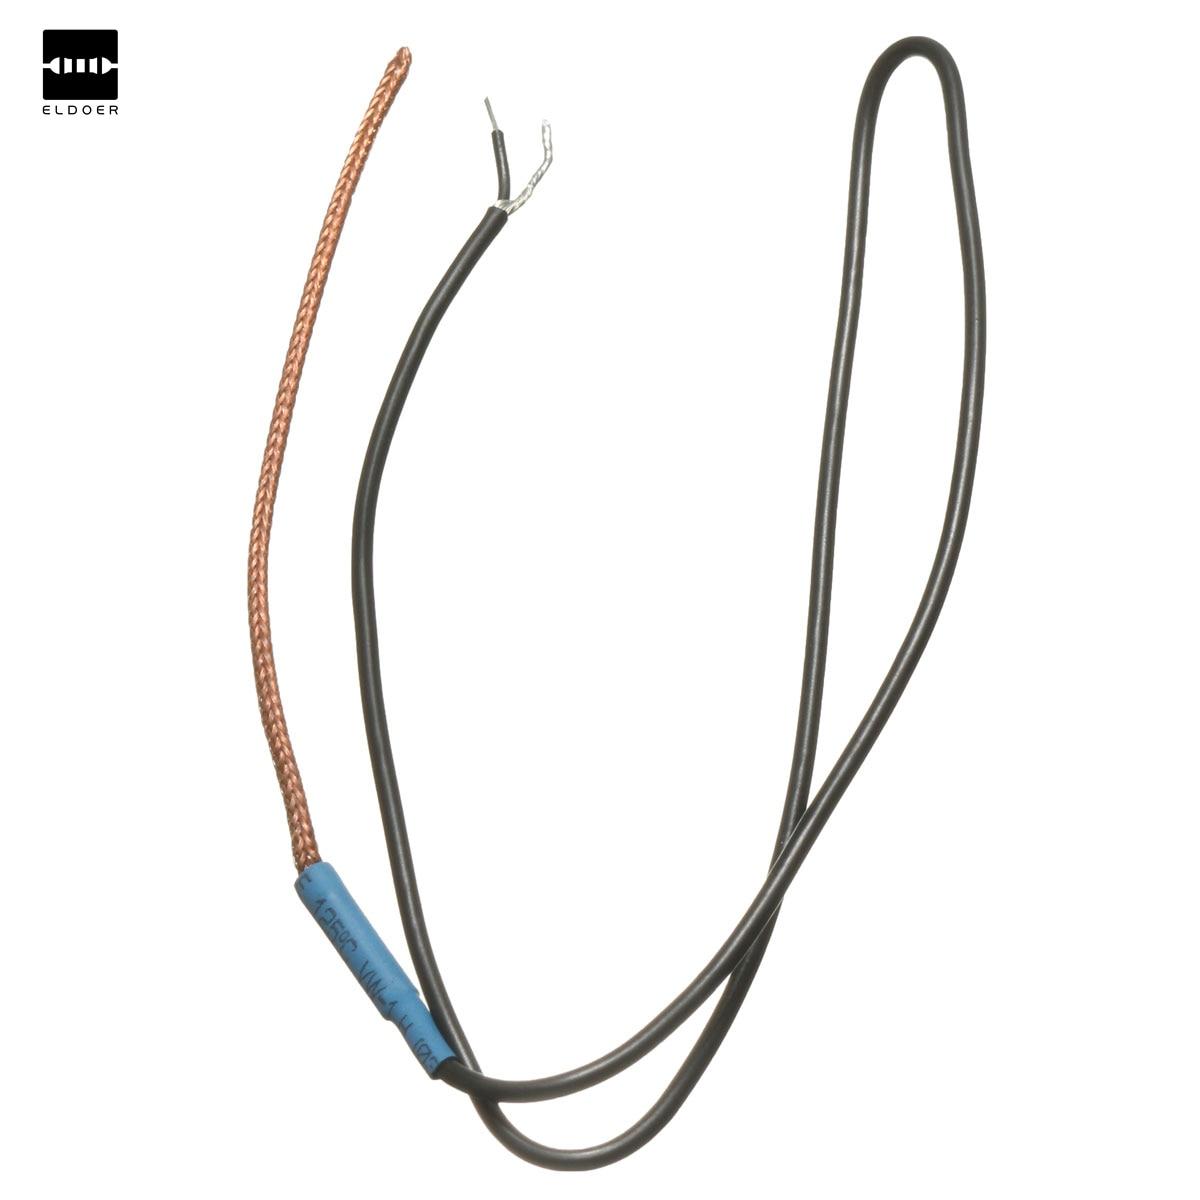 les paul 2 pickup wiring diagram